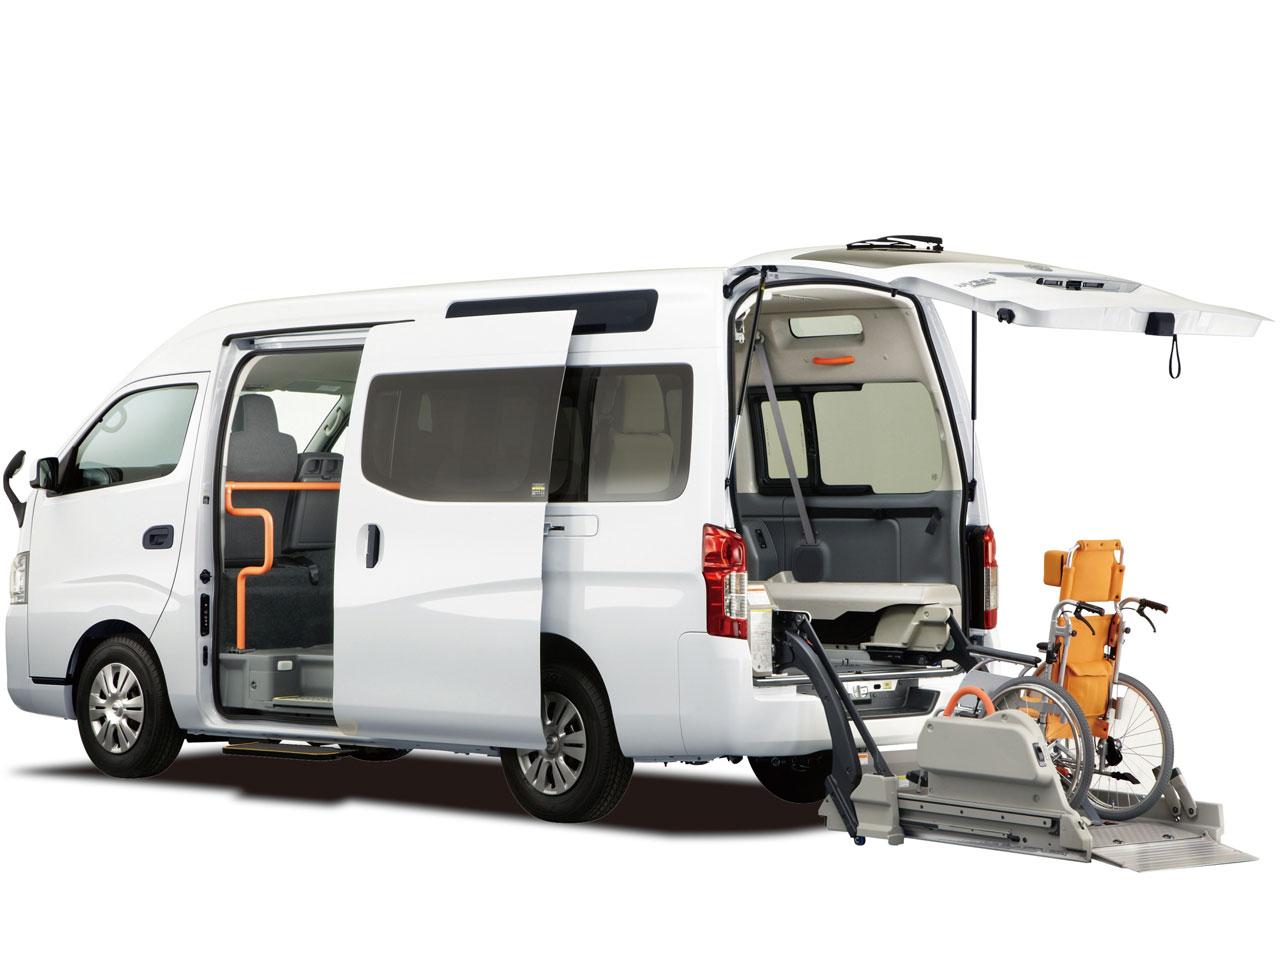 NV350キャラバン 福祉車両 2012年モデル の製品画像